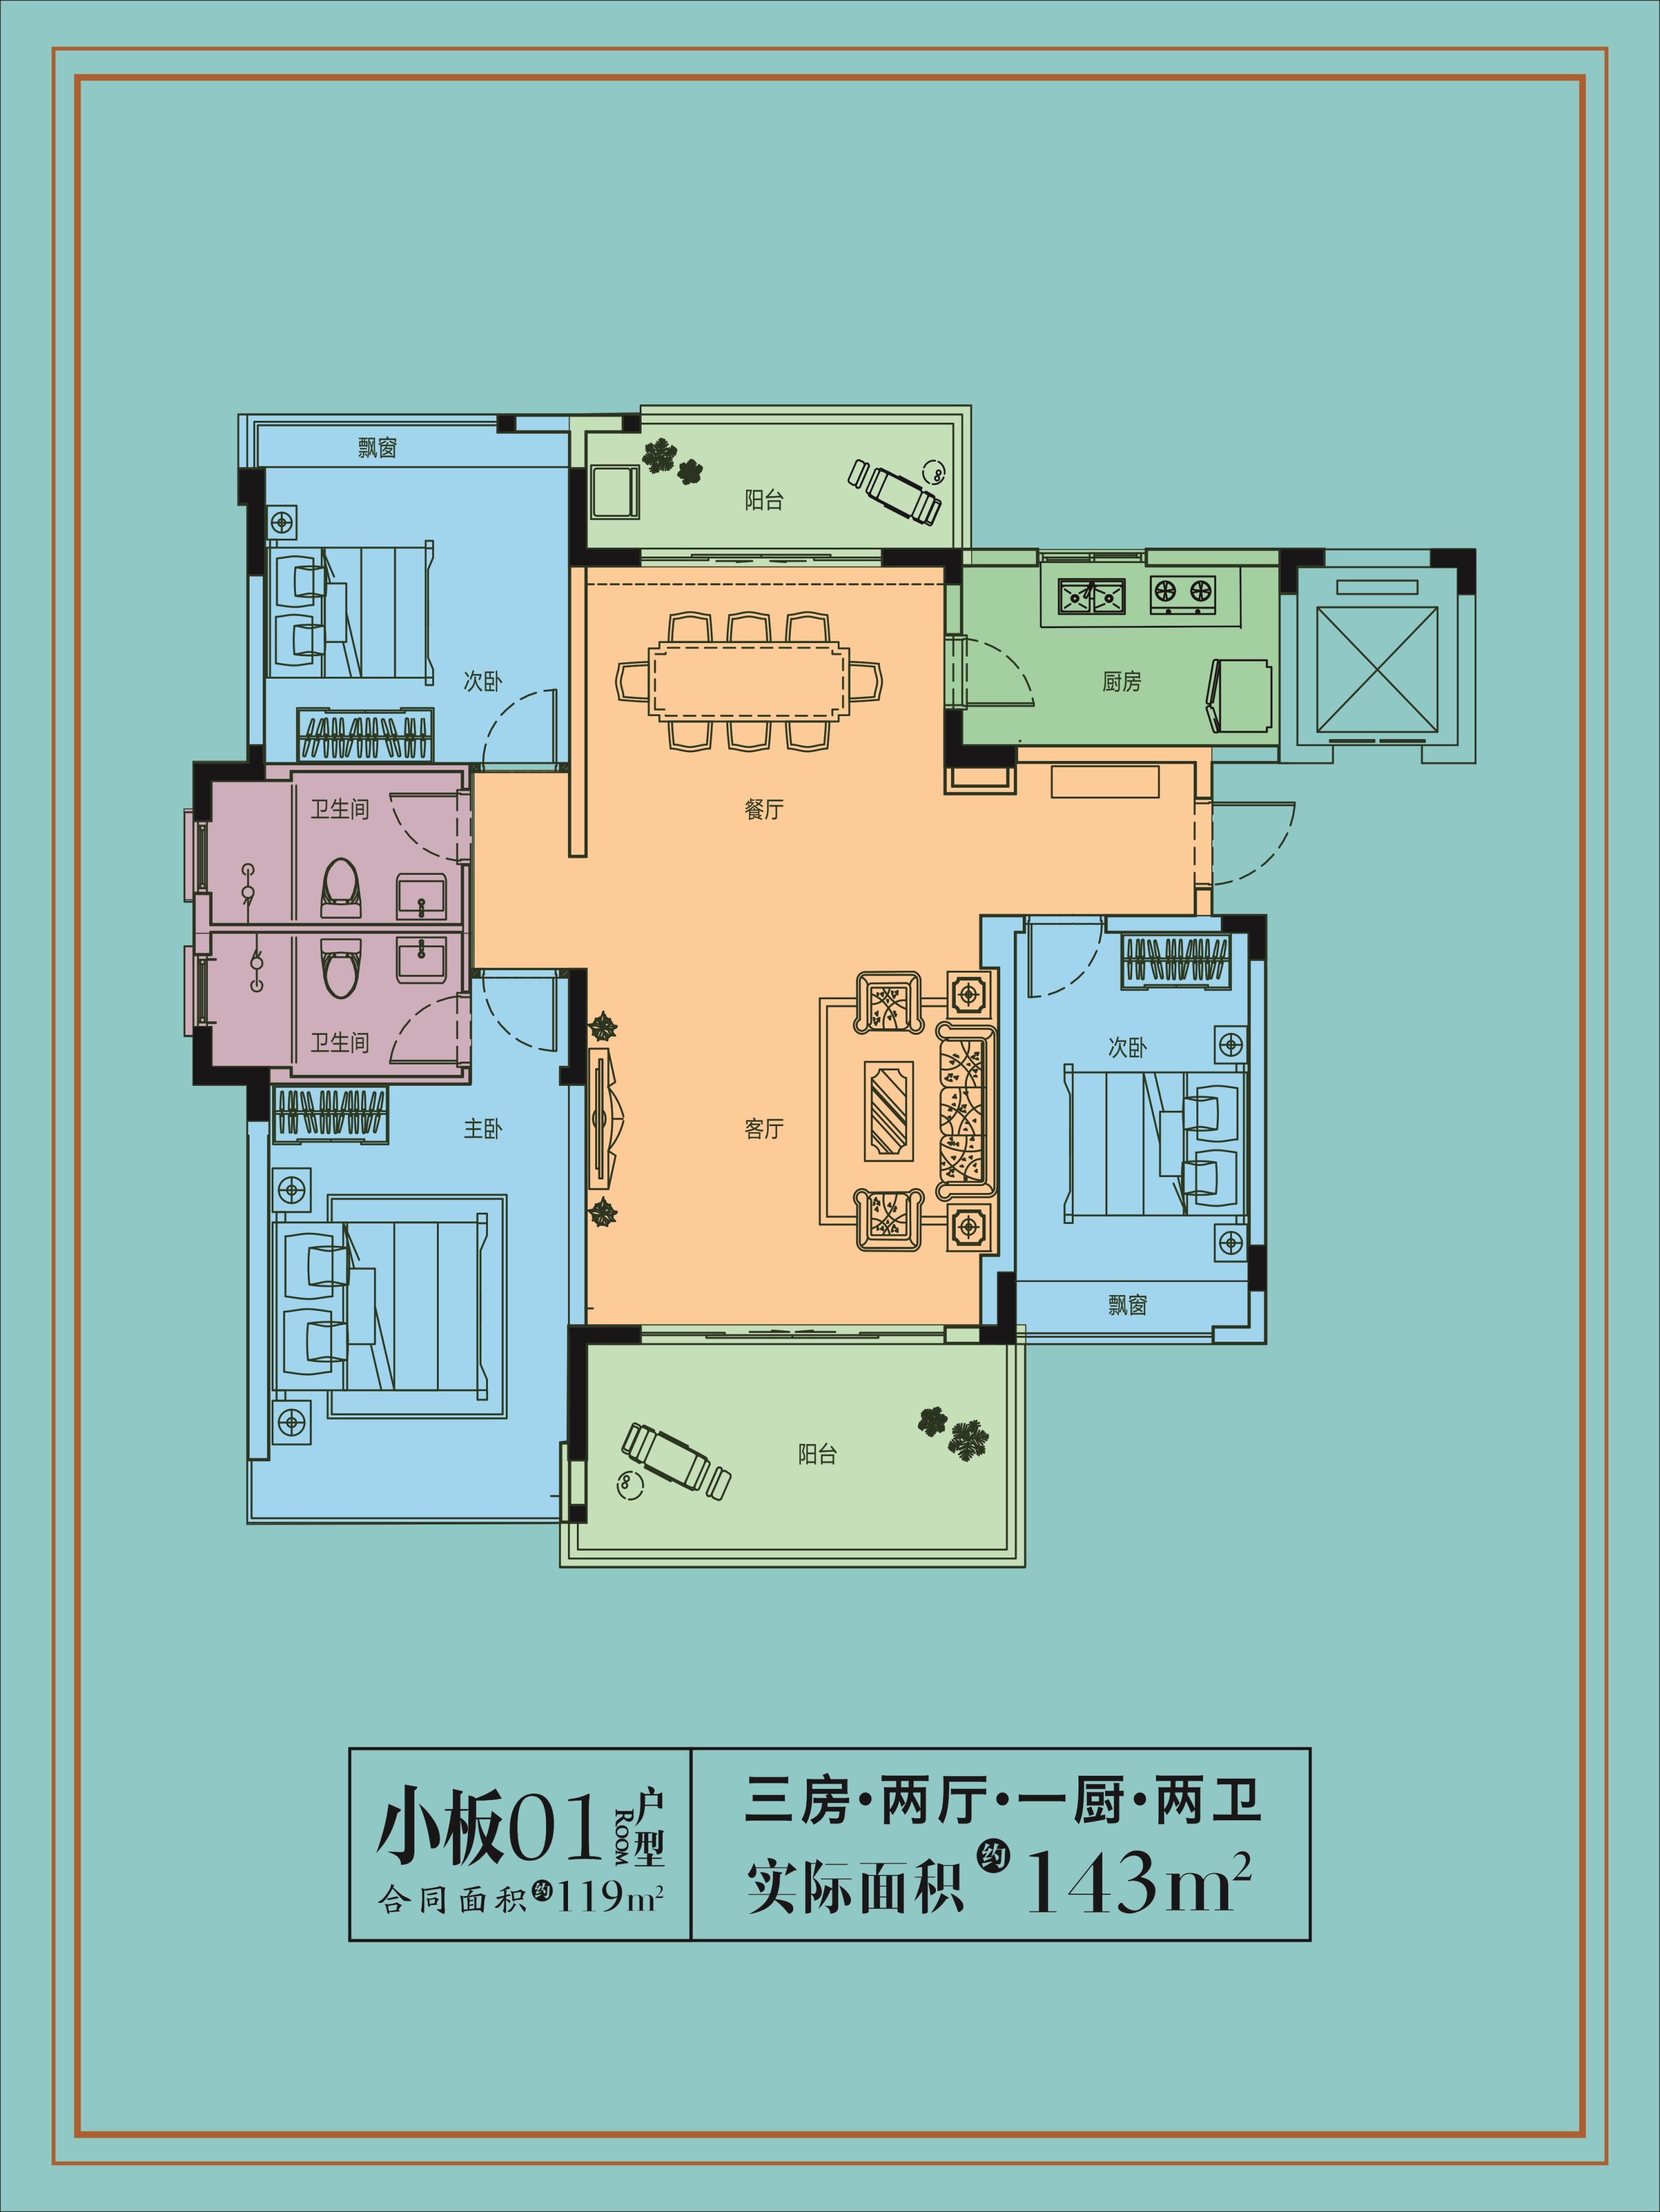 小板01戶型 3房2廳1廚2衛 實際面積143㎡